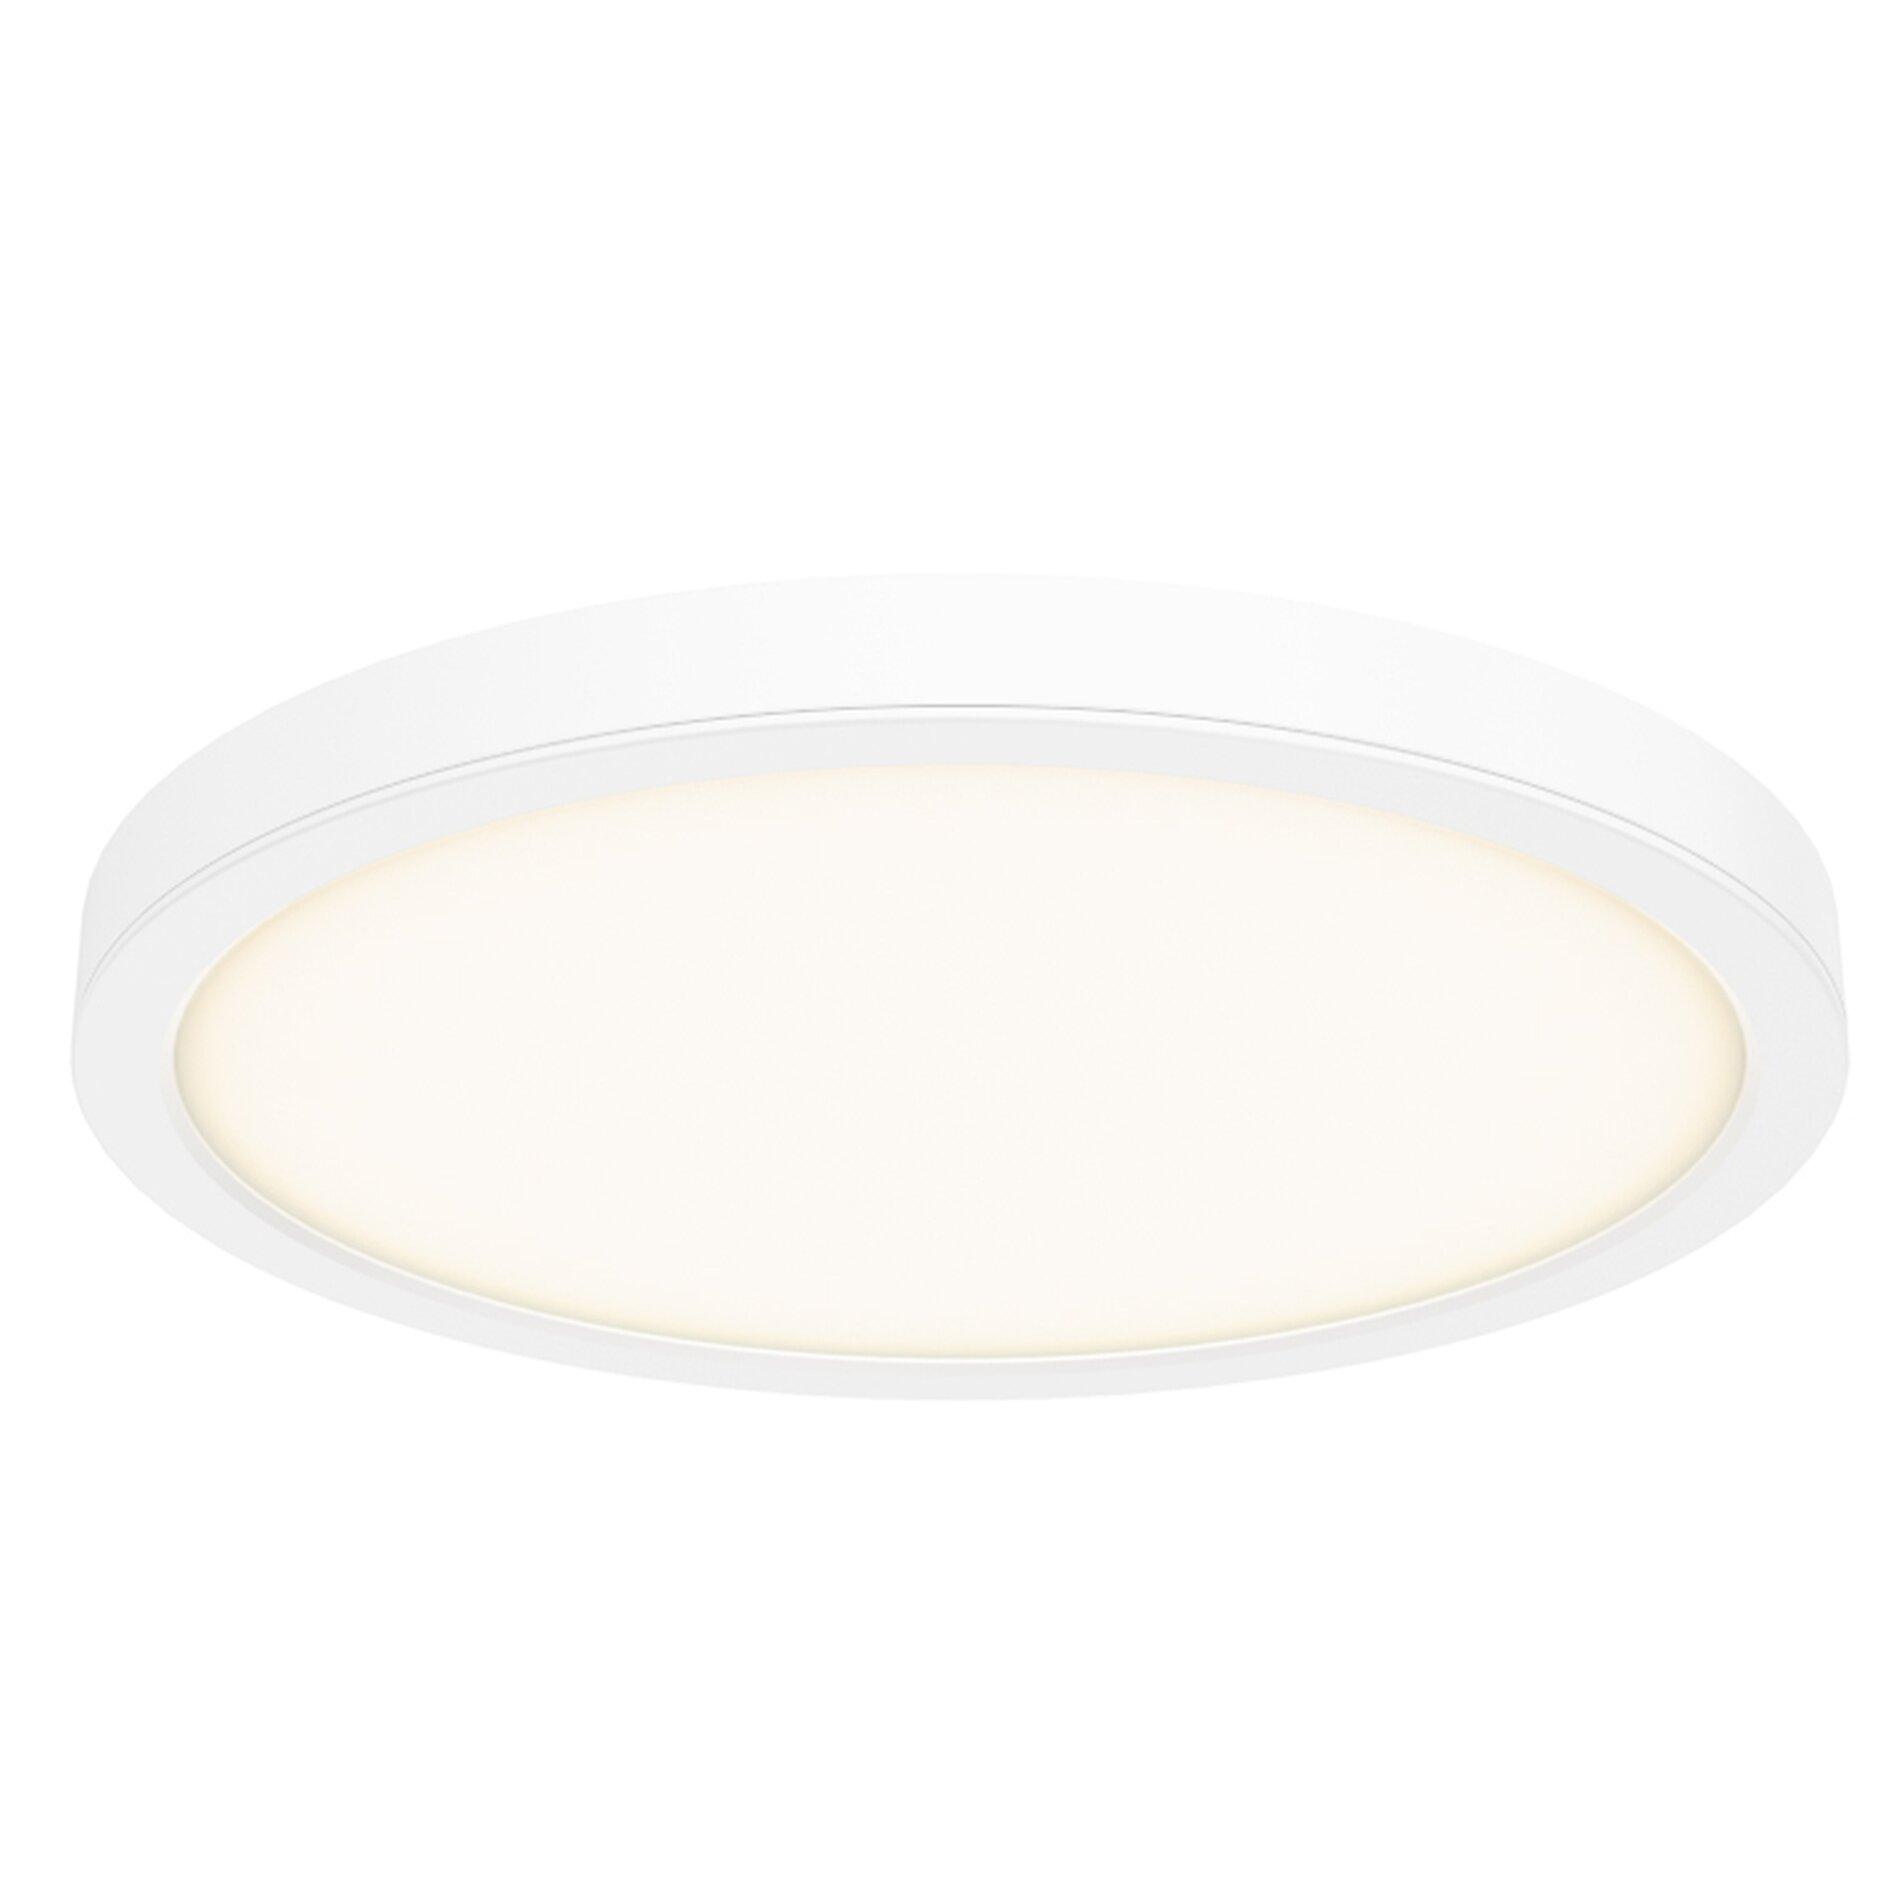 Jaclynn ceiling 1 light led flush mount